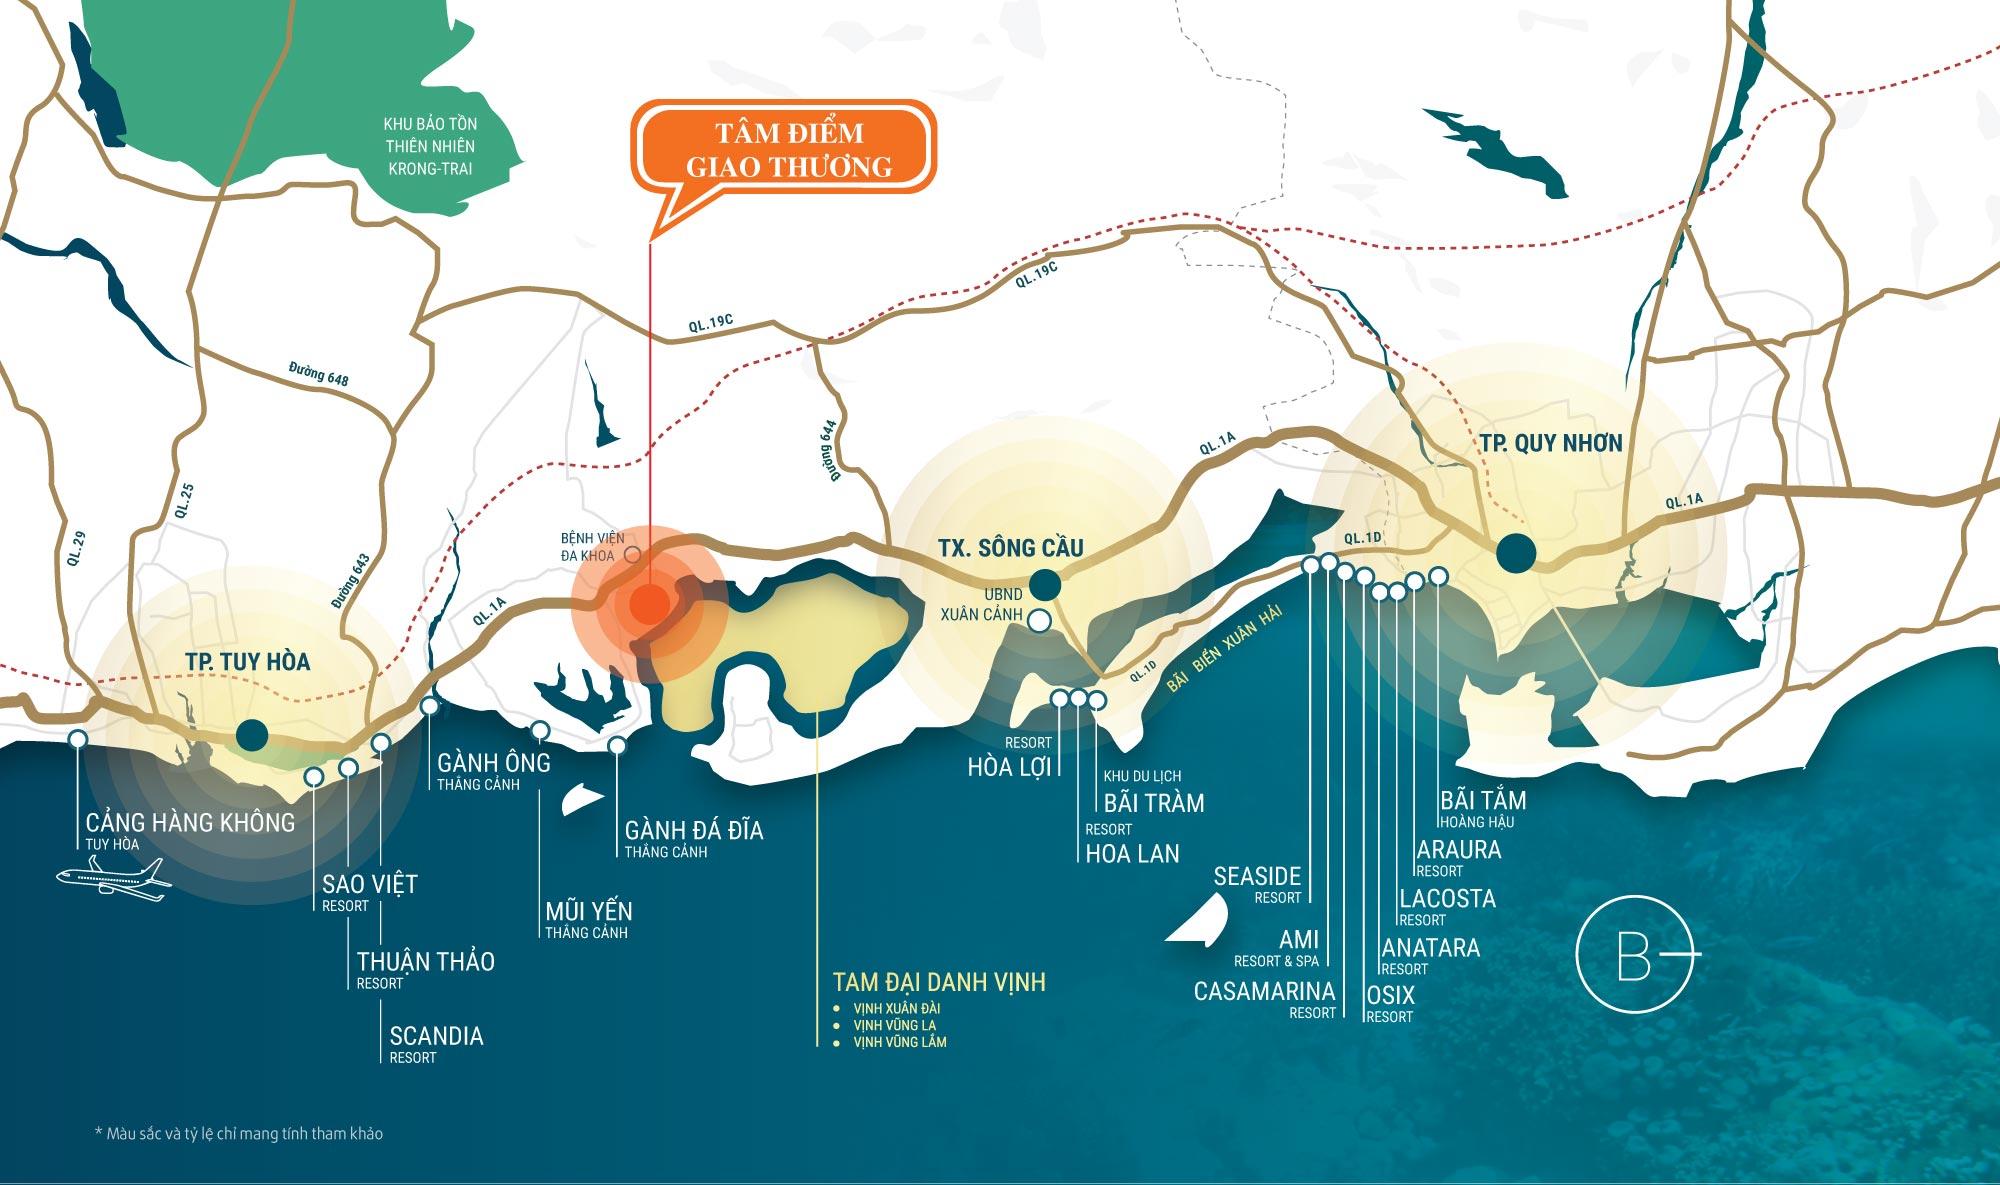 vị trí dự án kdc đồng mặn phú yên